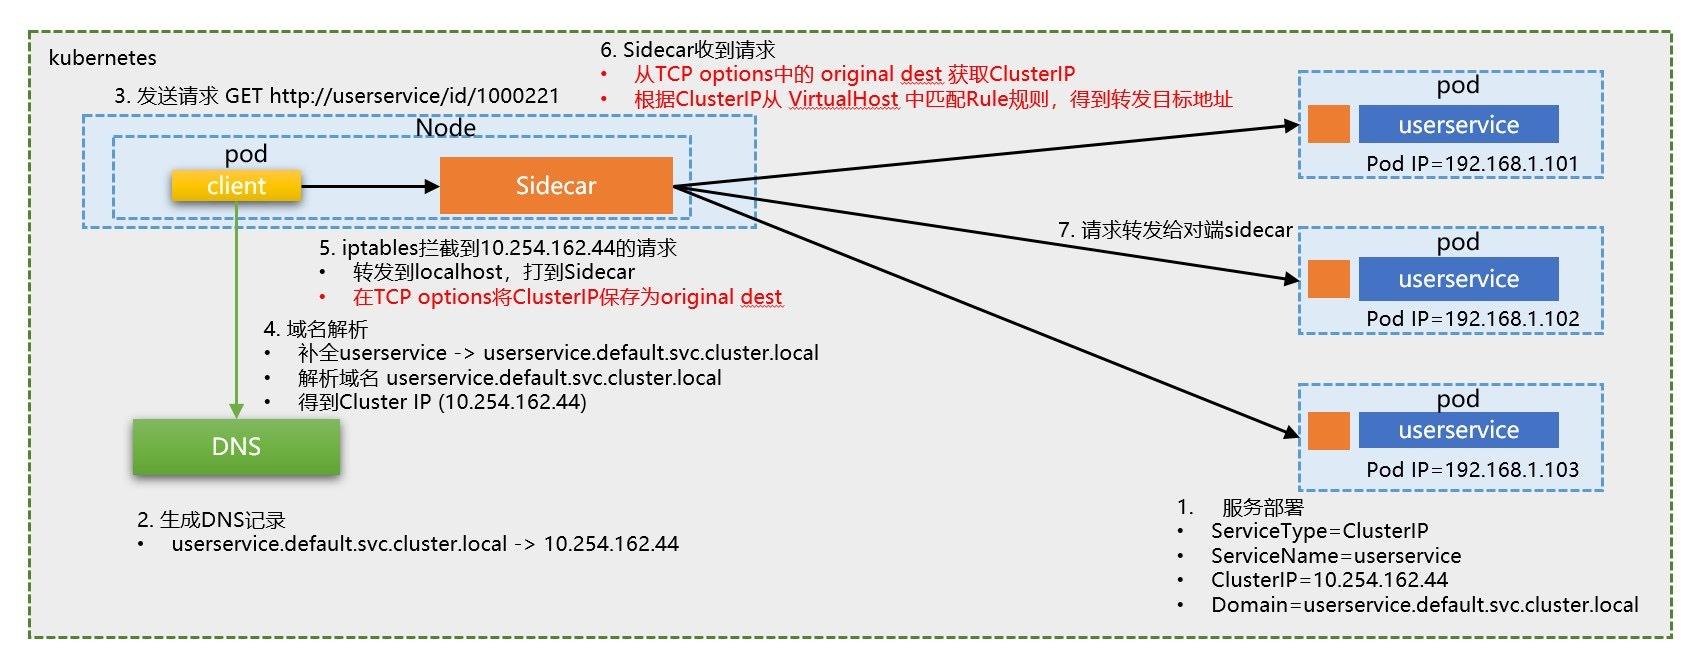 Istio的DNS寻址方式